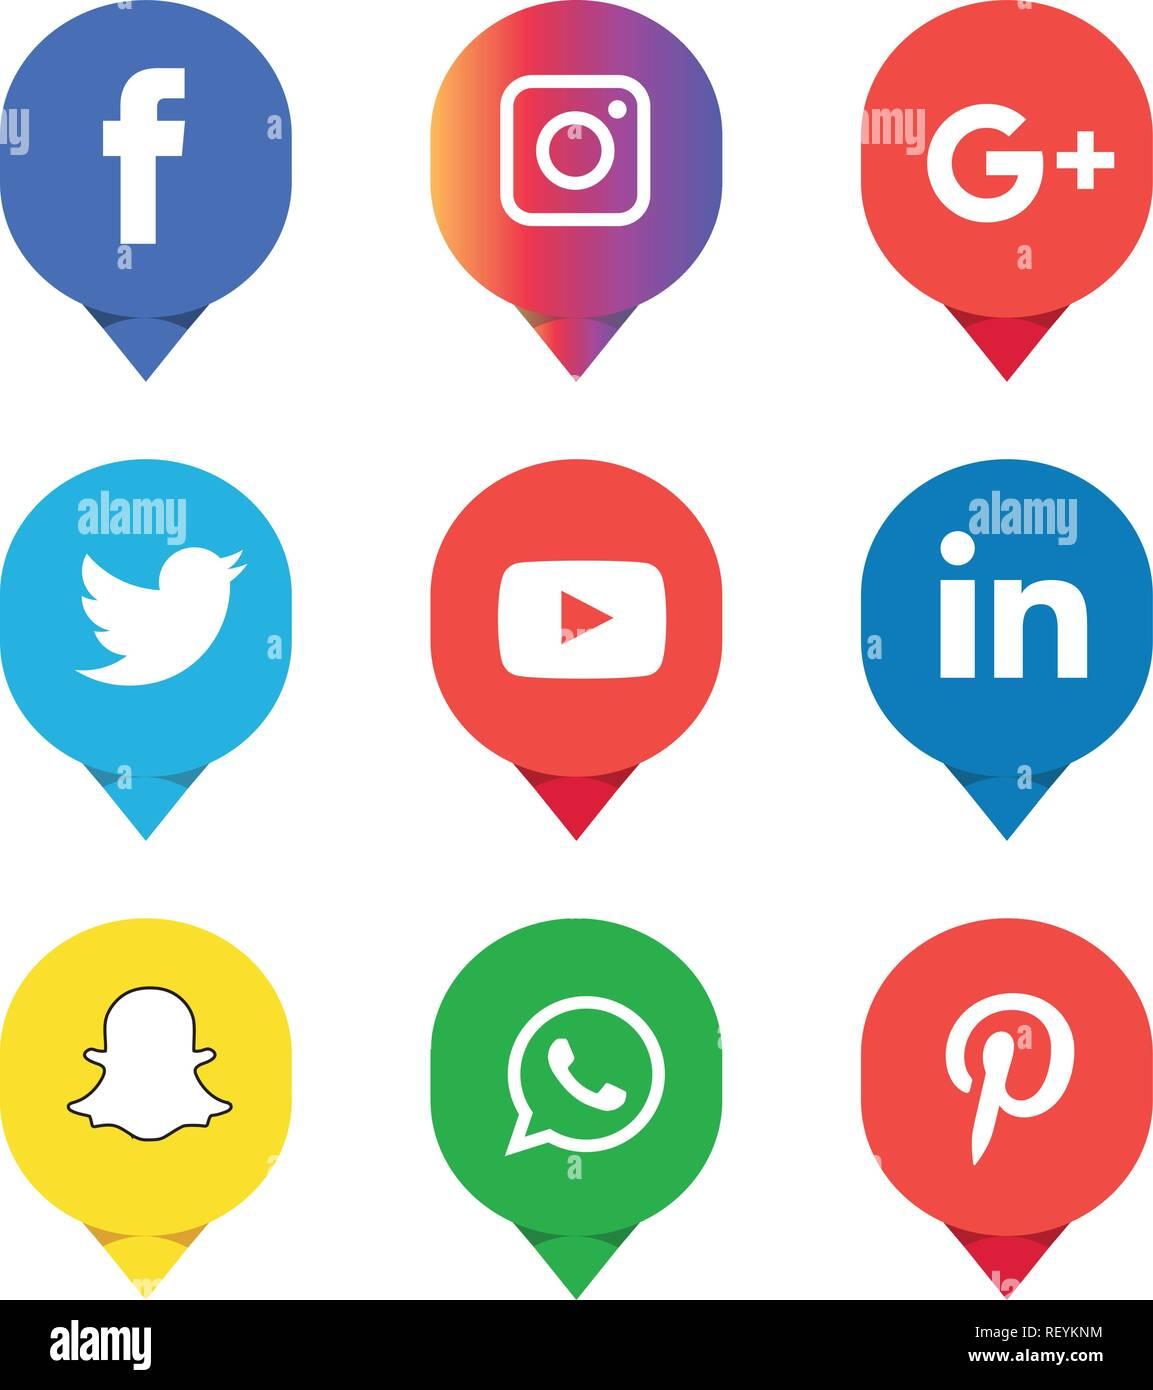 Twitter Facebook Instagram Icons : twitter, facebook, instagram, icons, Social, Media, Icons, Vector, Illustrator, Facebook,, Instagram,, Twitter,, Whatsapp,, Google, Plus,, Google+,, Pinterest,, Linkedin,, Vector,, Black,, White, Stock, Image, Alamy